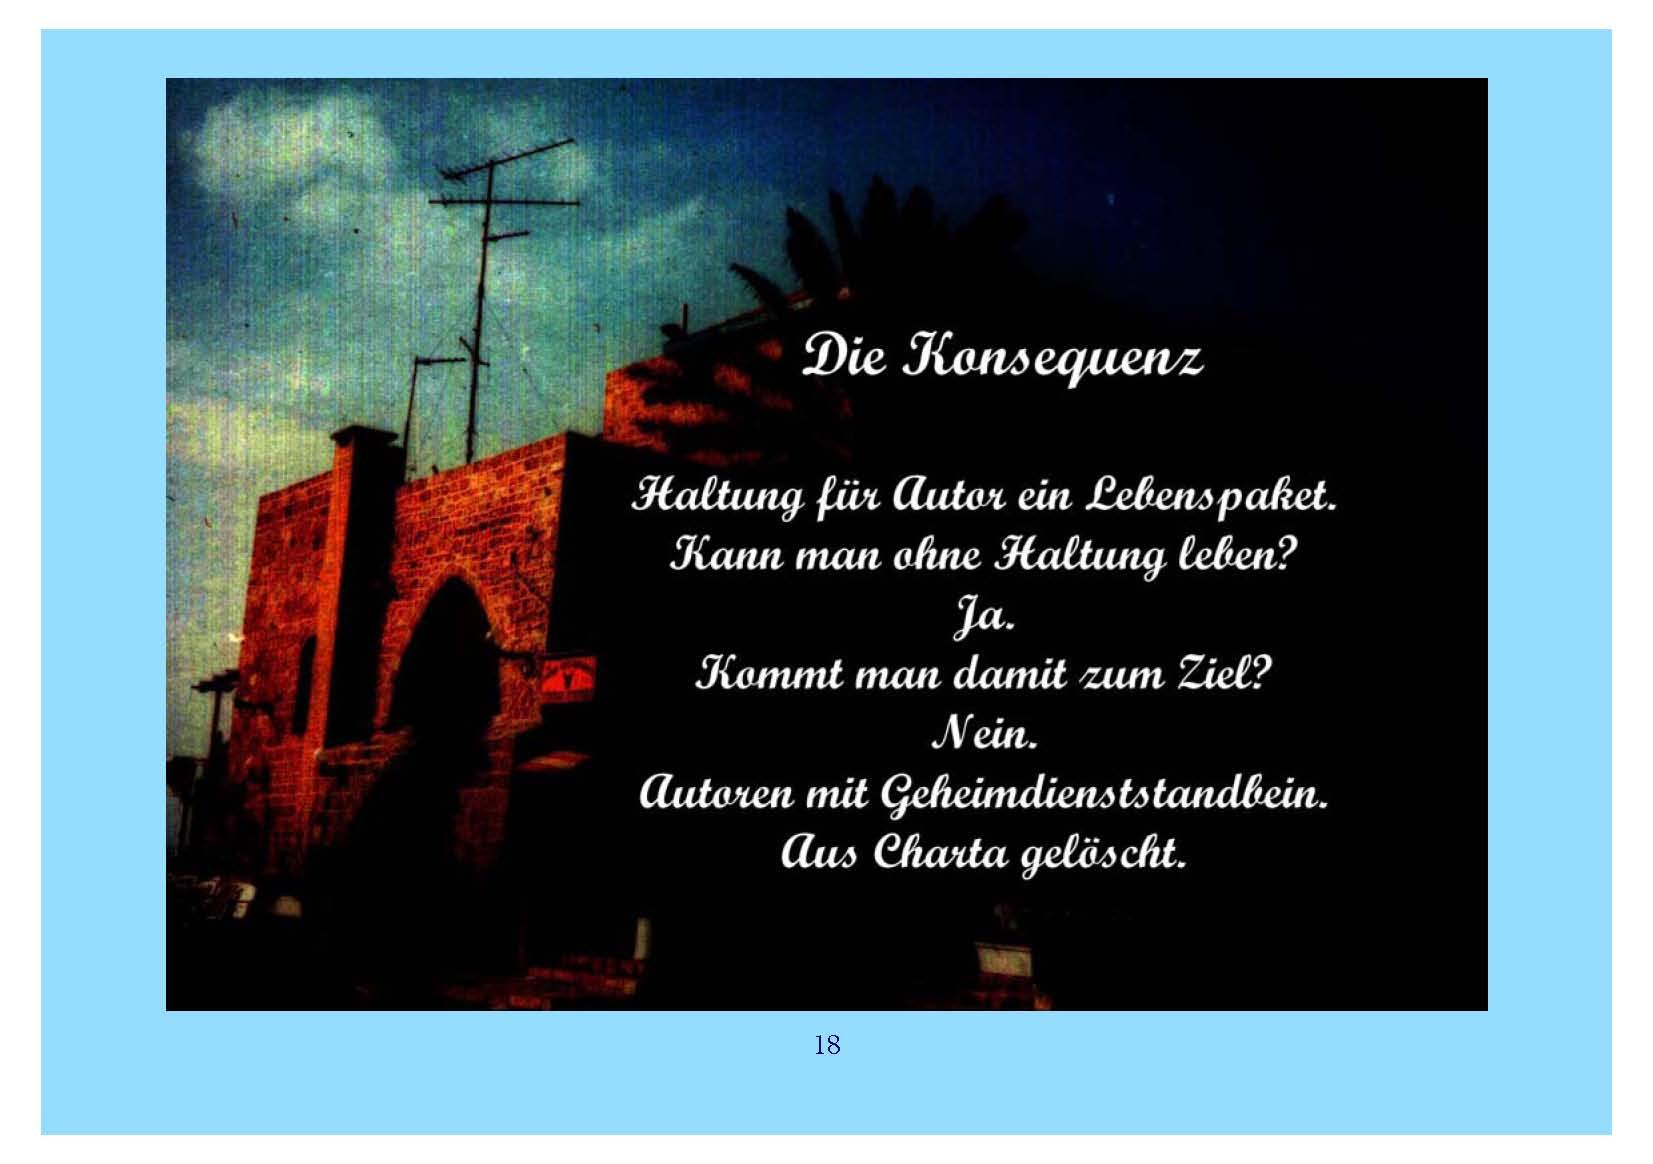 ™Gigabuch-Bibliothek/iAutobiographie Band 15/Bild 1101